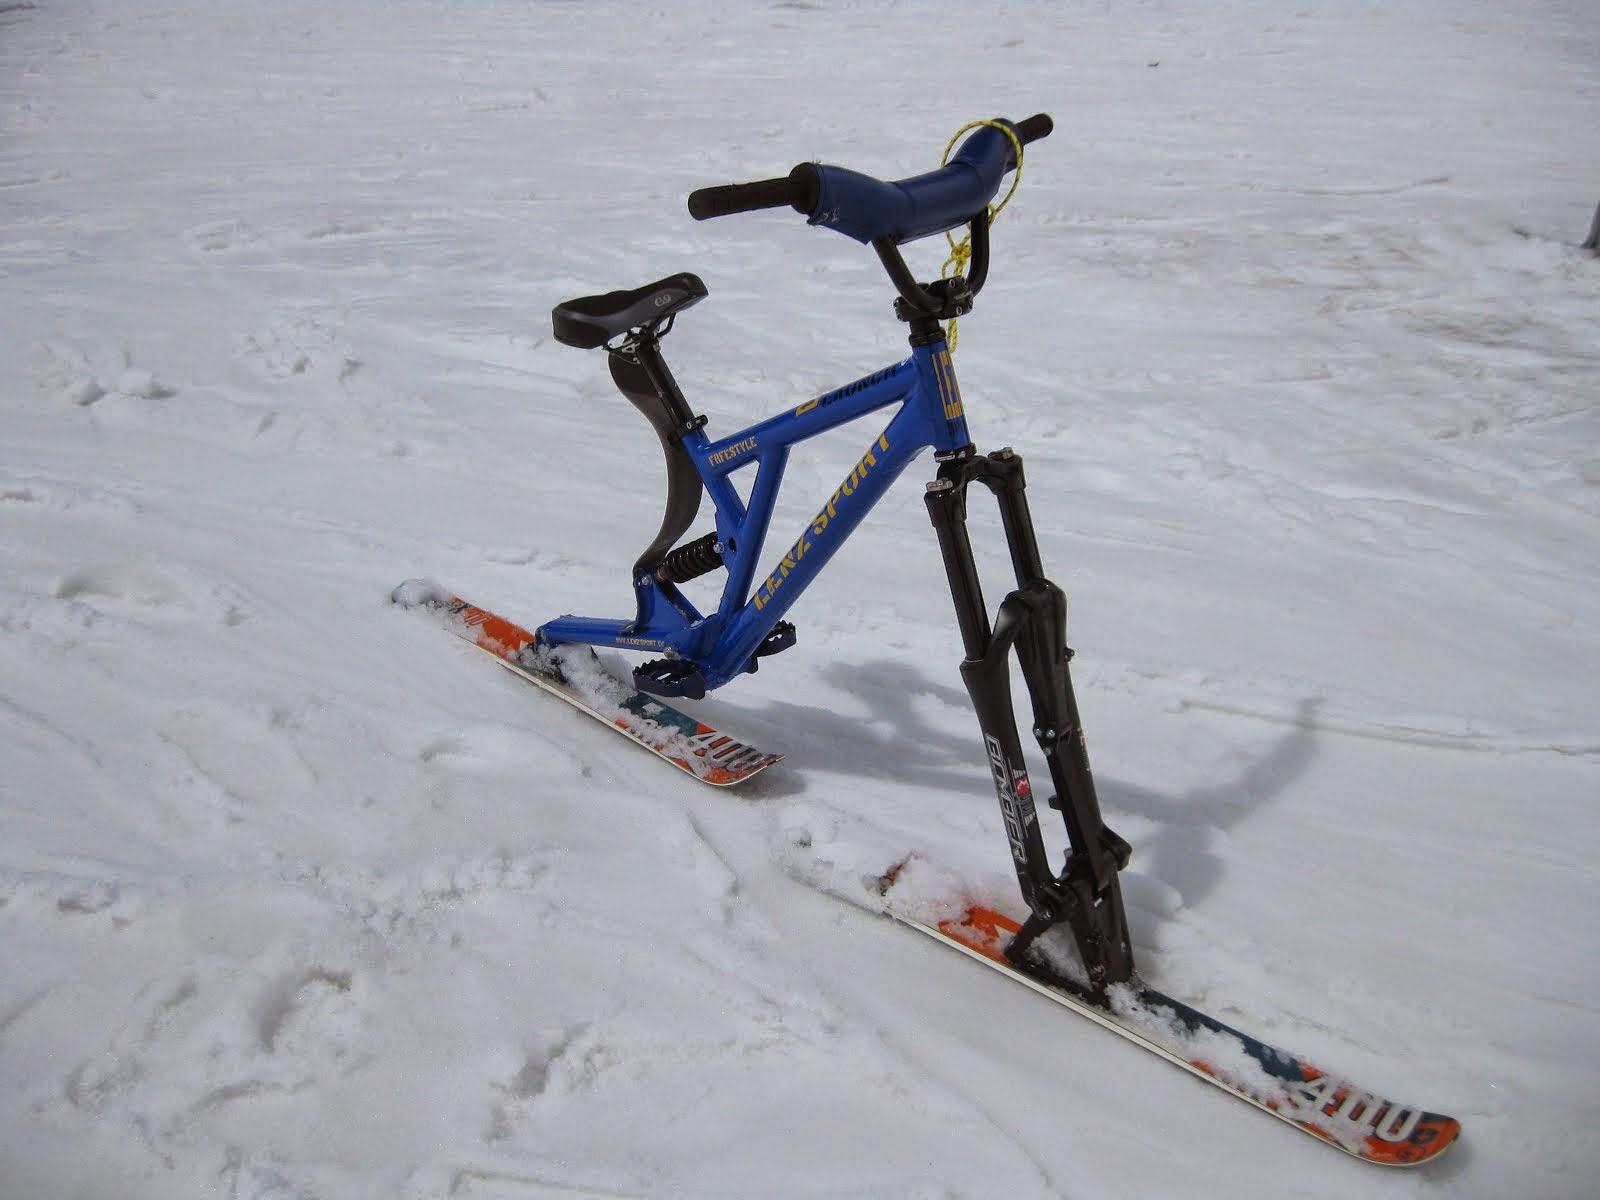 EpicSkibike.com